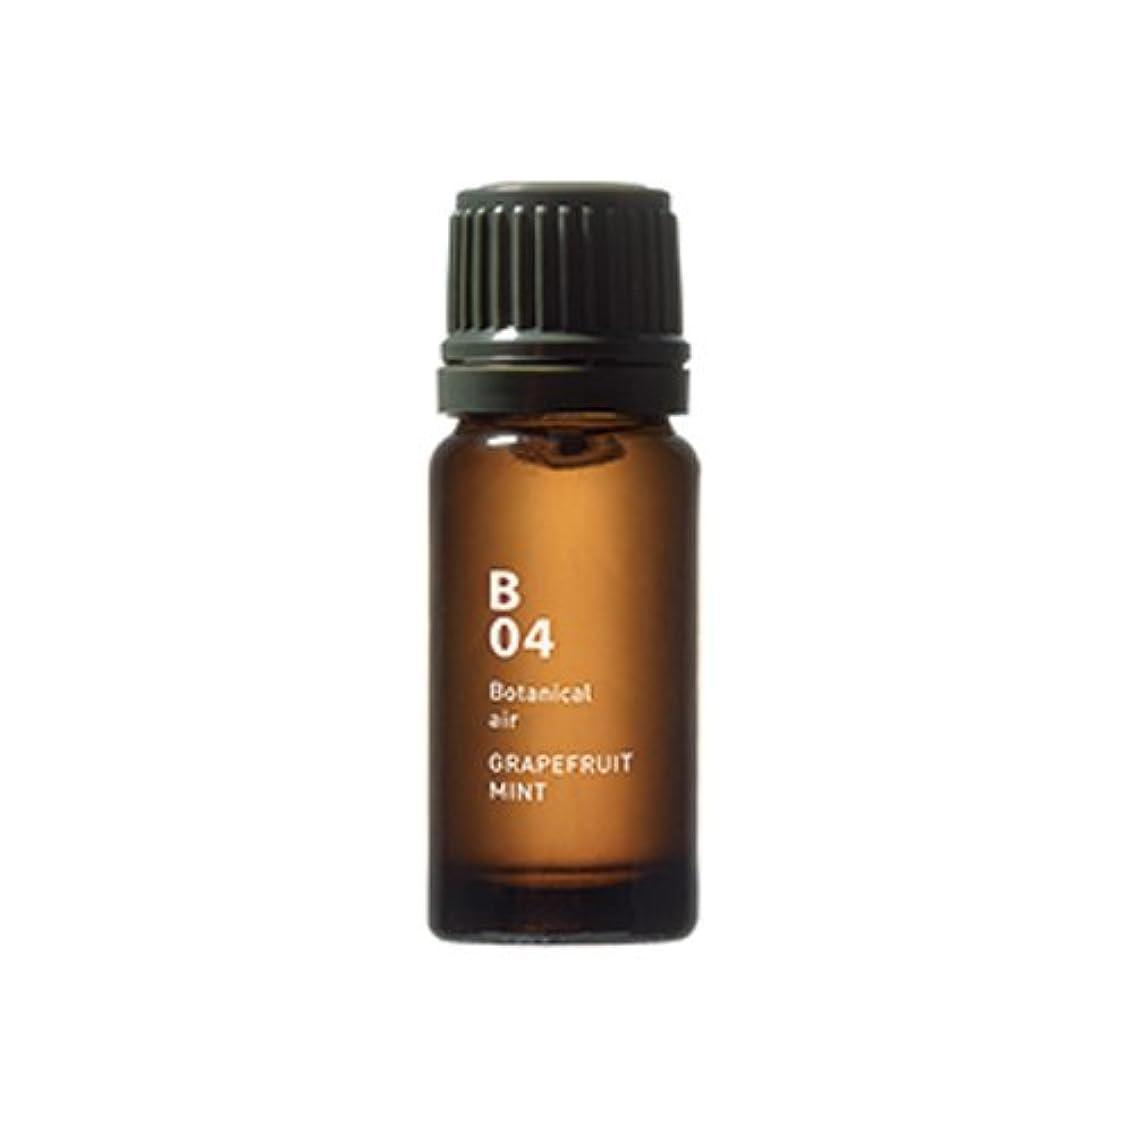 満足反発するインシデントB04 グレープフルーツミント Botanical air(ボタニカルエアー) 10ml